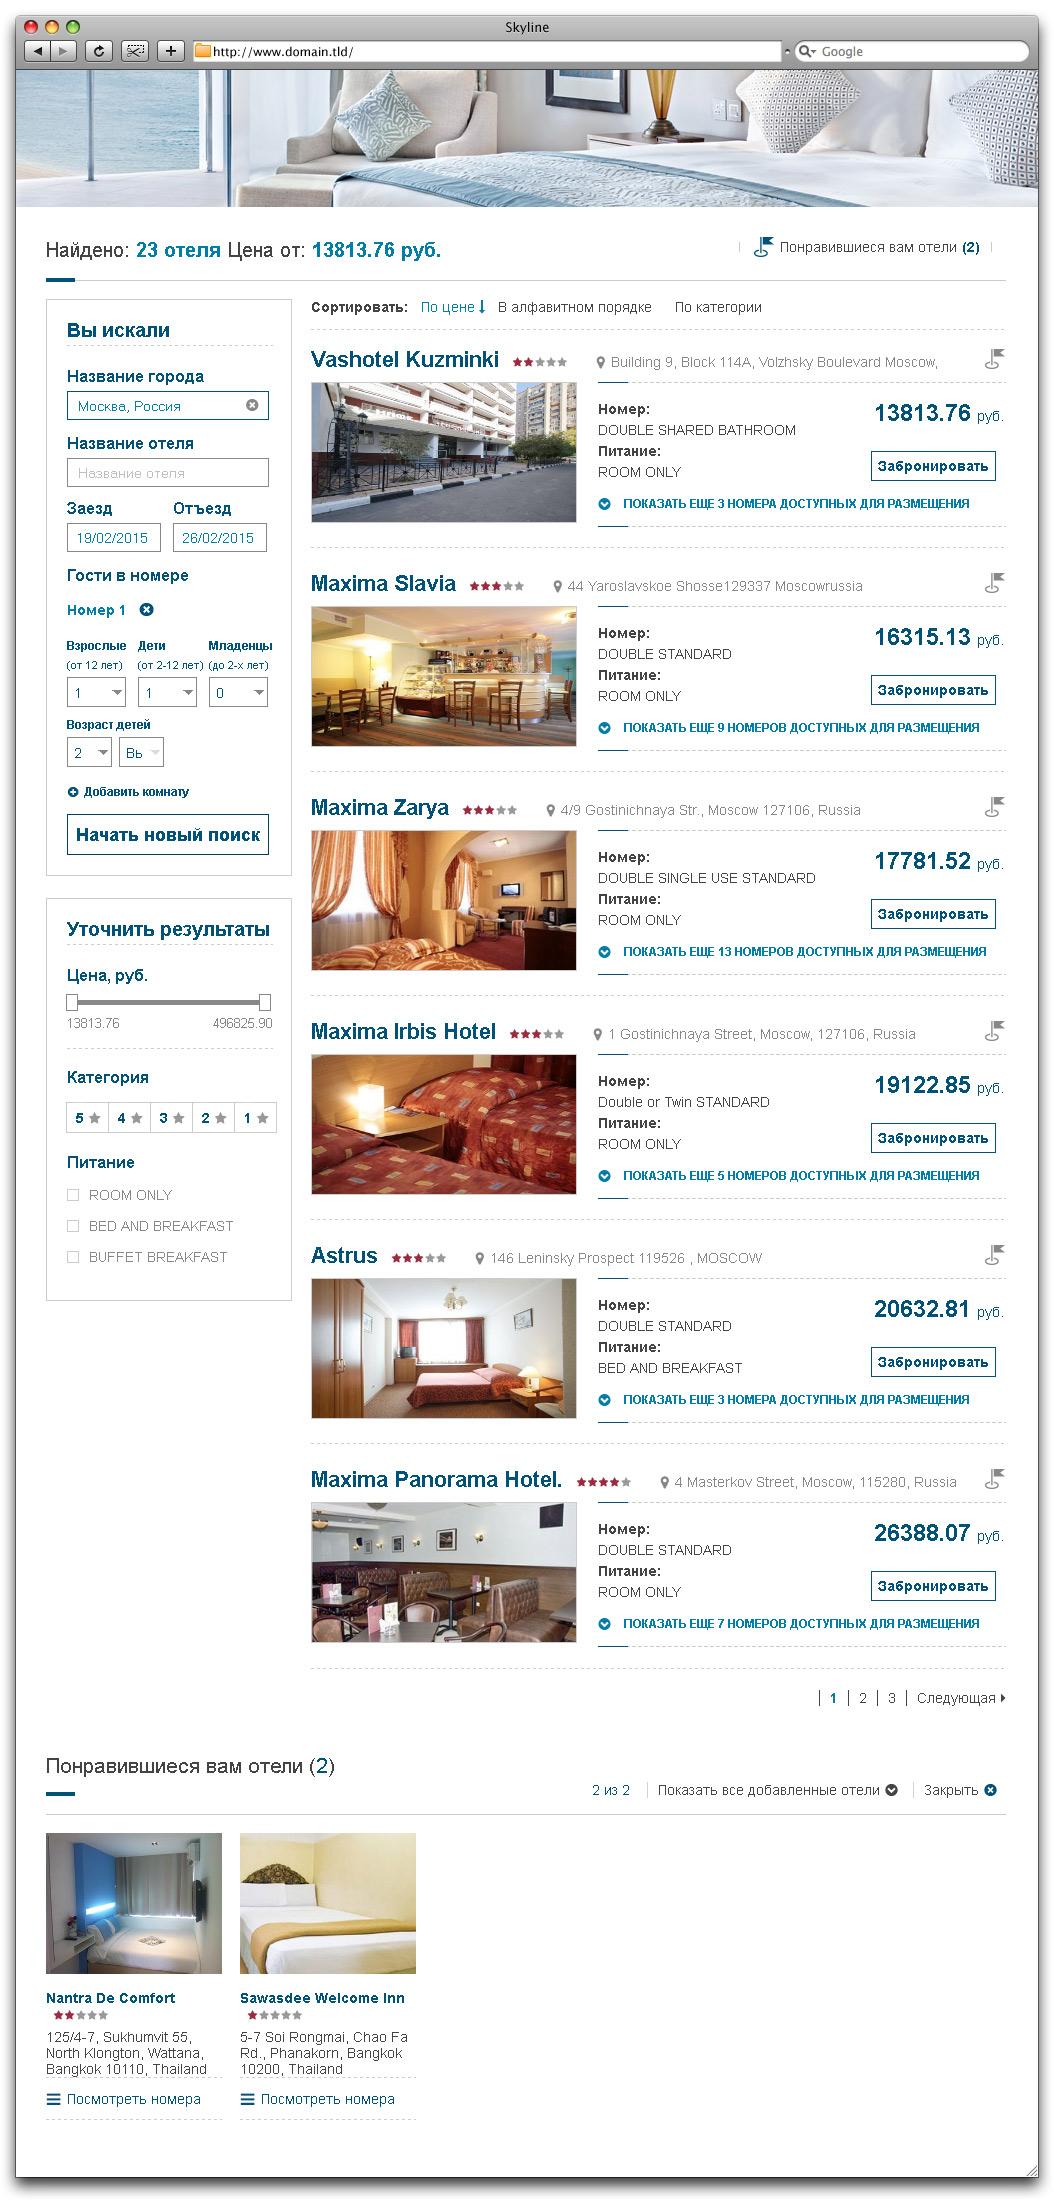 Онлайн-система бронирования отелей